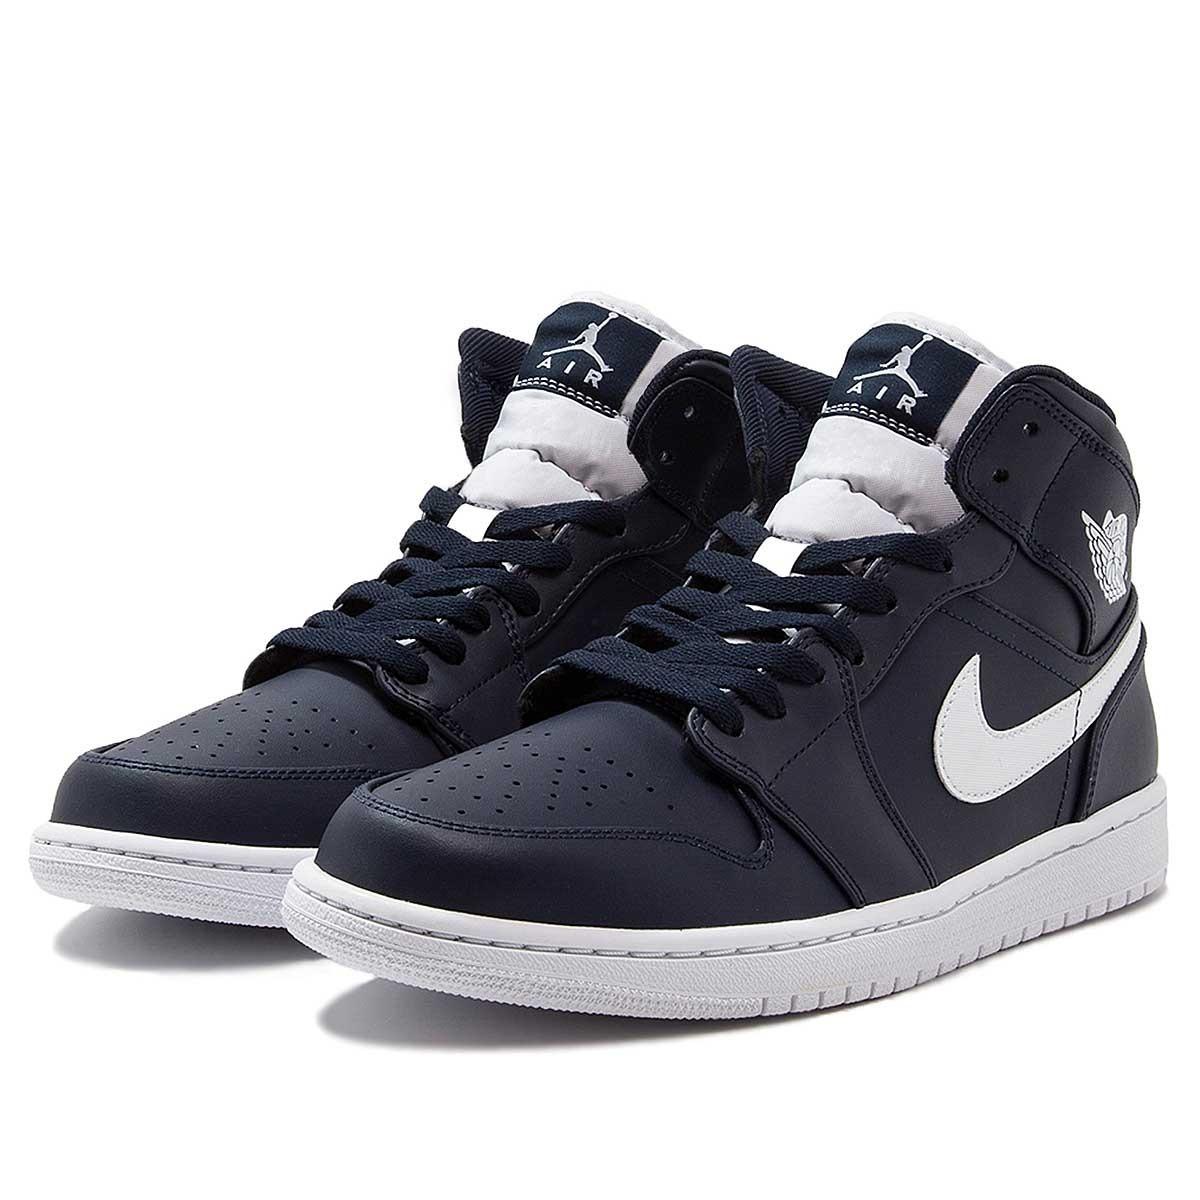 2f3ebf4f52b39 Características. Marca Nike  Línea Air Jordan  Modelo High retro 1  Género  Hombre ...